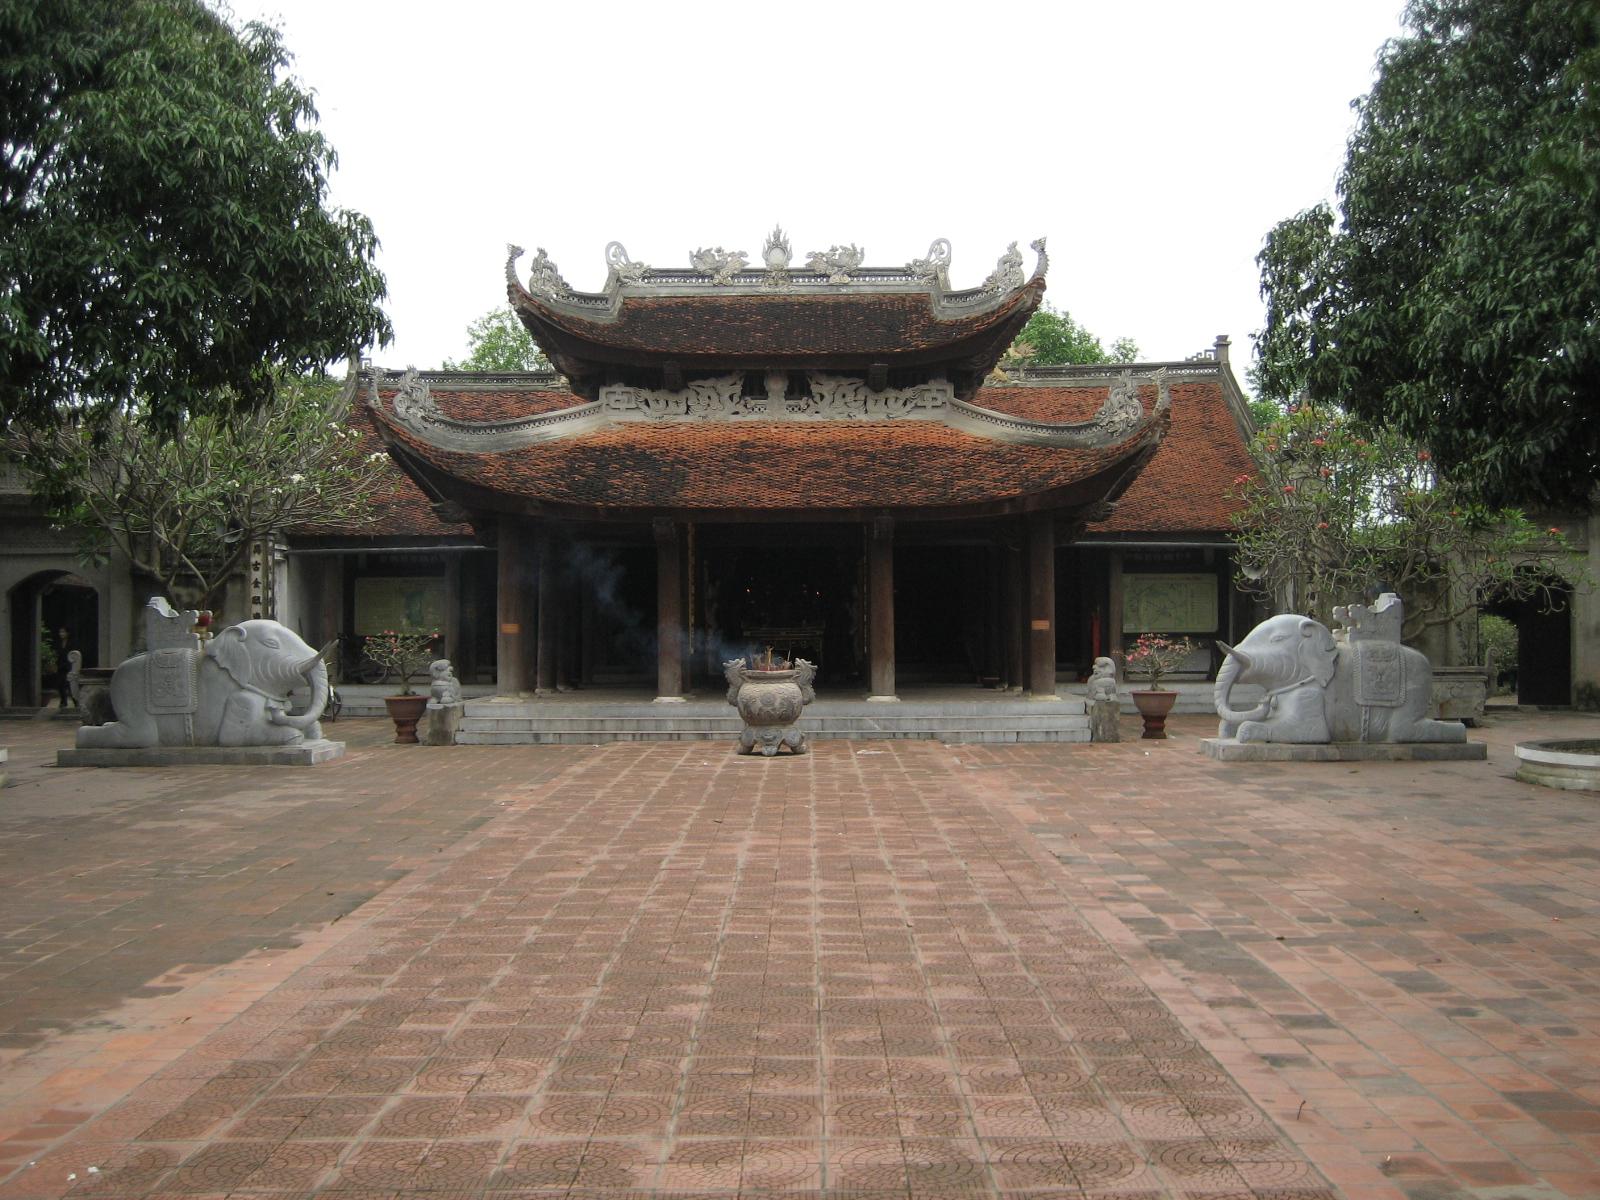 Những lễ hội văn hóa ở Bắc Ninh bạn cần biết - Phần 1